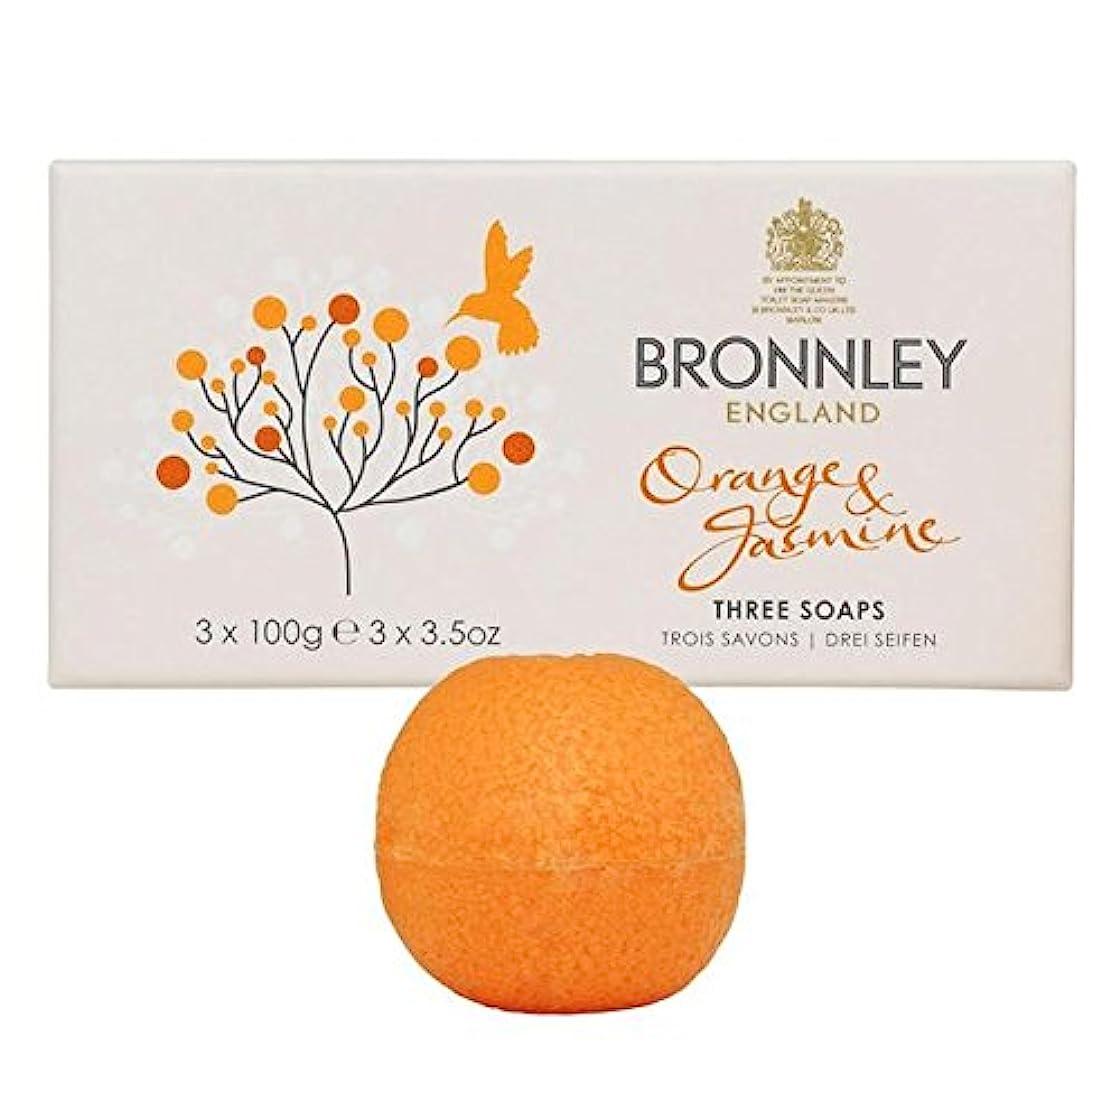 の配列段落出血オレンジ&ジャスミン石鹸3×100グラム x2 - Bronnley Orange & Jasmine Soaps 3 x 100g (Pack of 2) [並行輸入品]